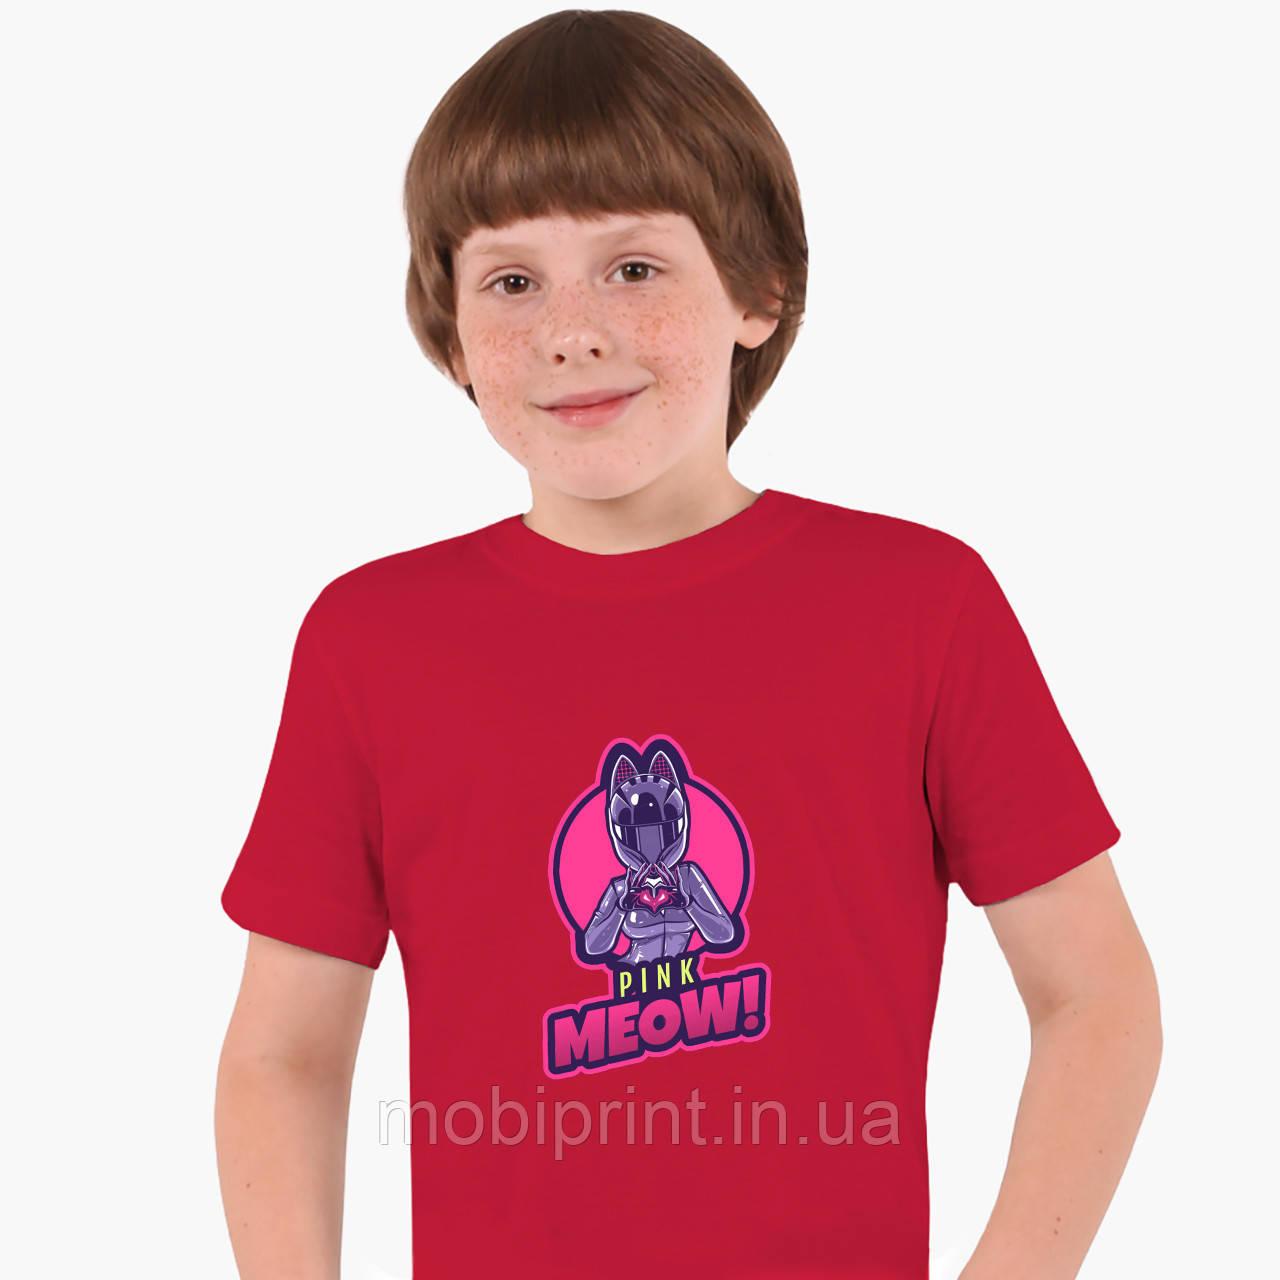 Детская футболка для мальчиков Фортнайт (Fortnite) (25186-1191) Красный